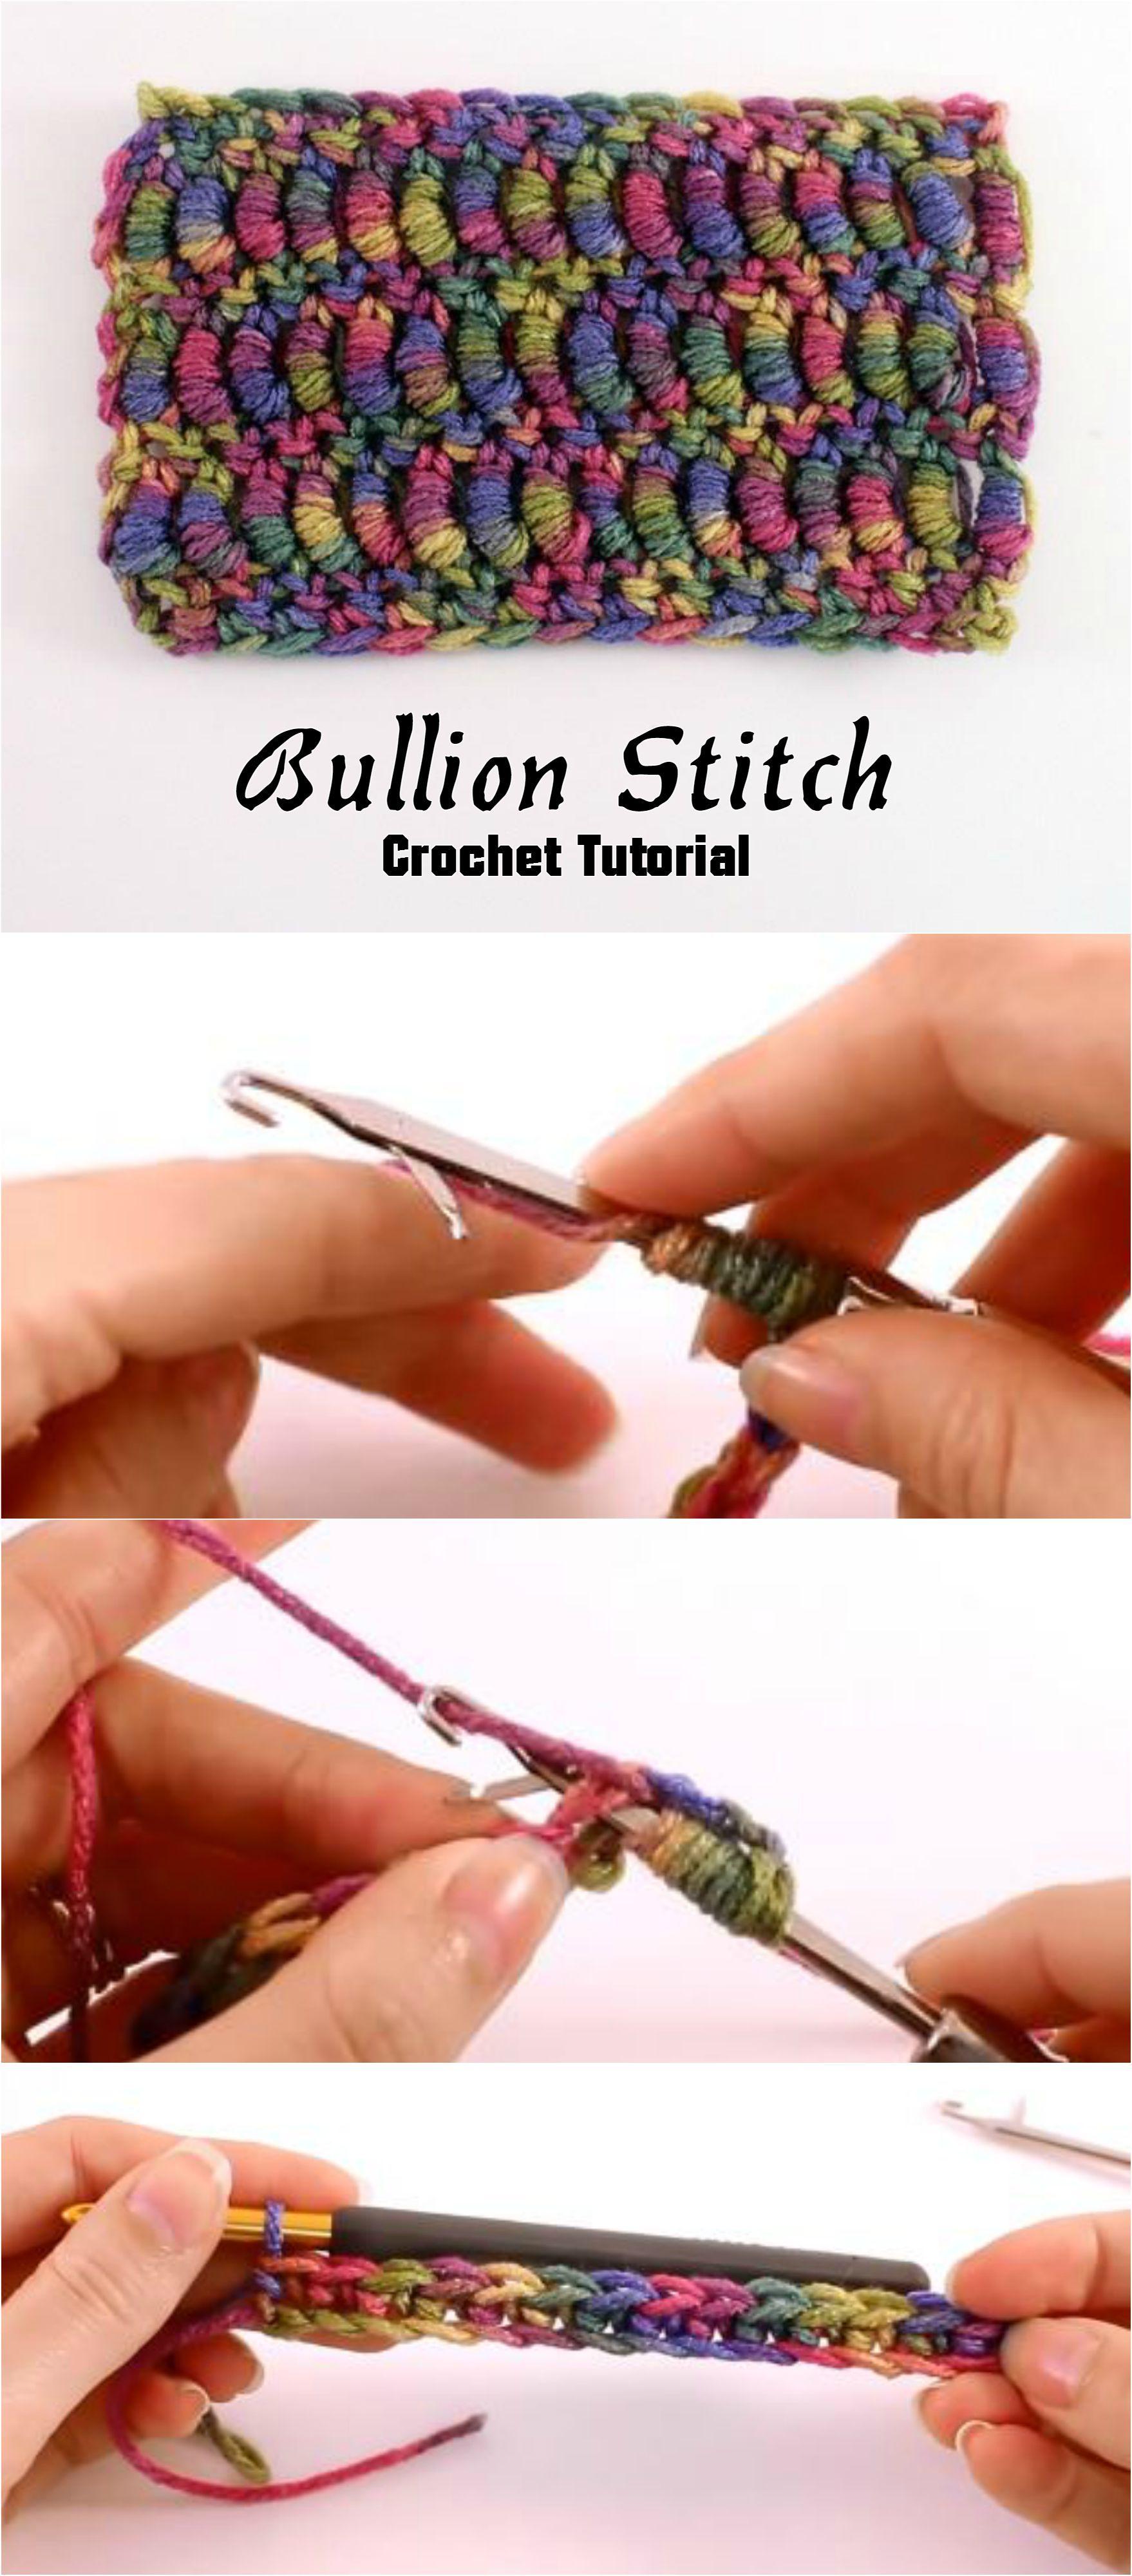 Crochet Bullion Stitch Crochet Love Pinterest Häkeln